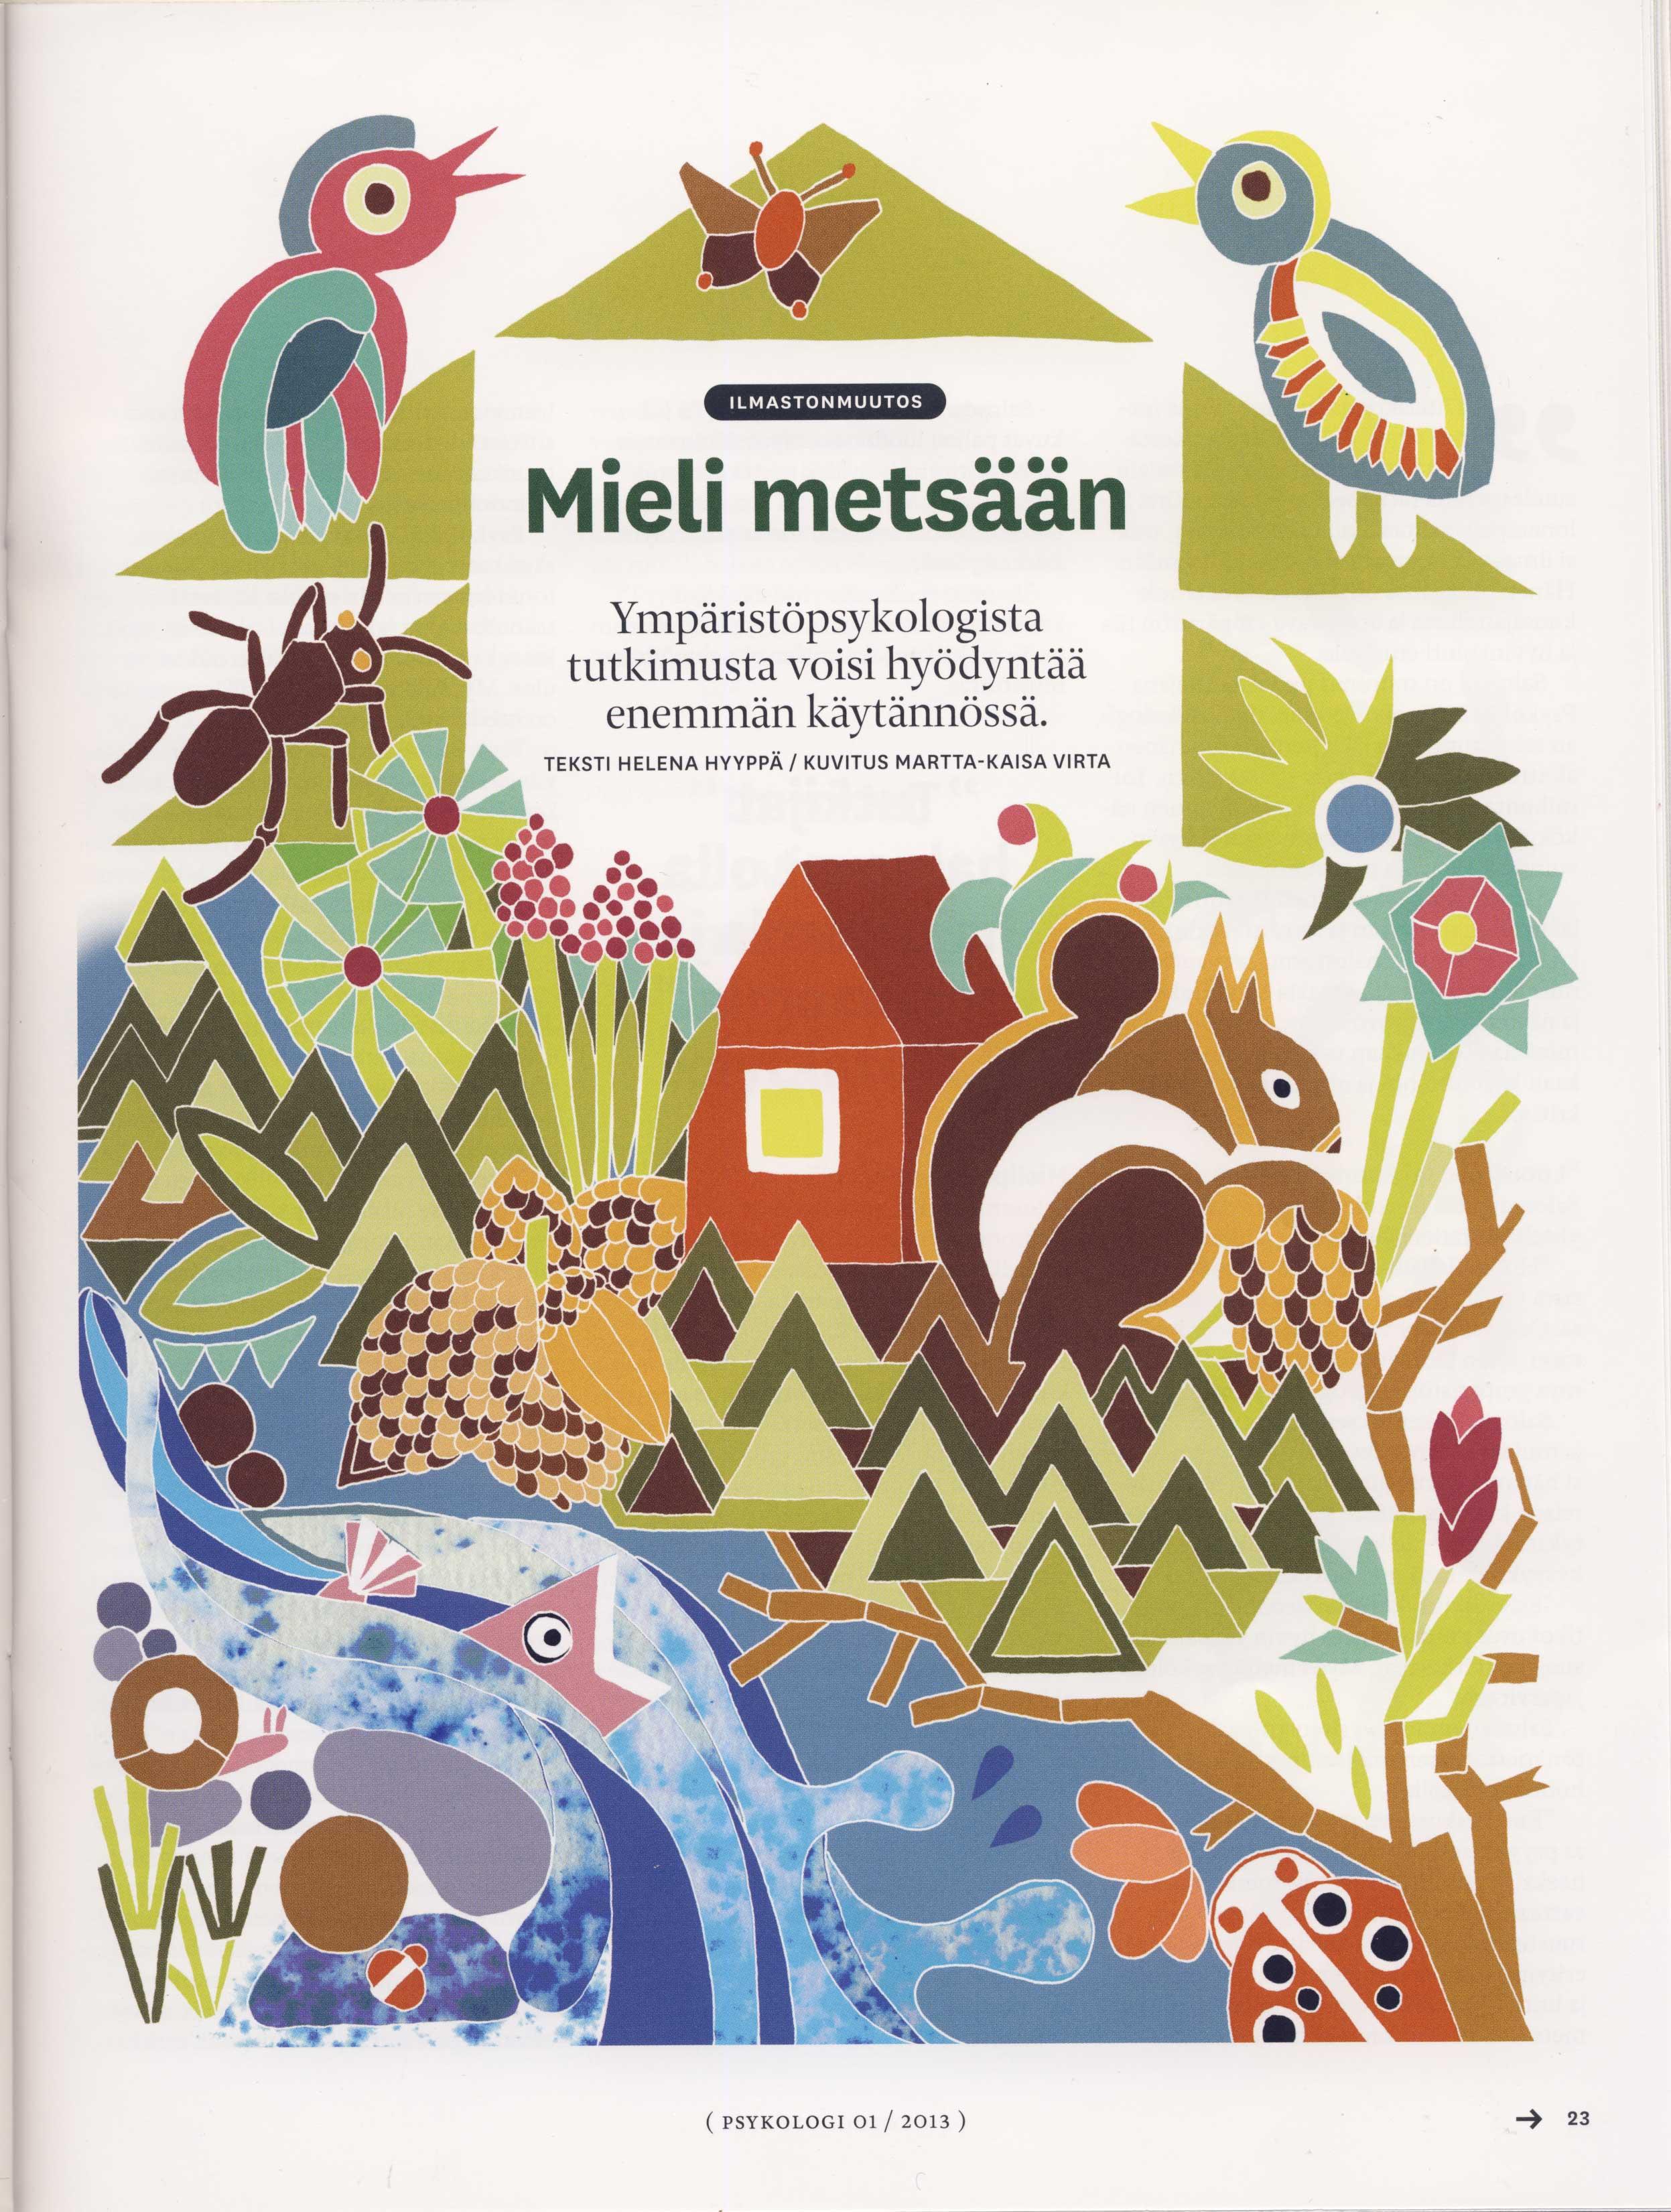 Psykologi lehti, Mieli metsään artikkeli, 2012